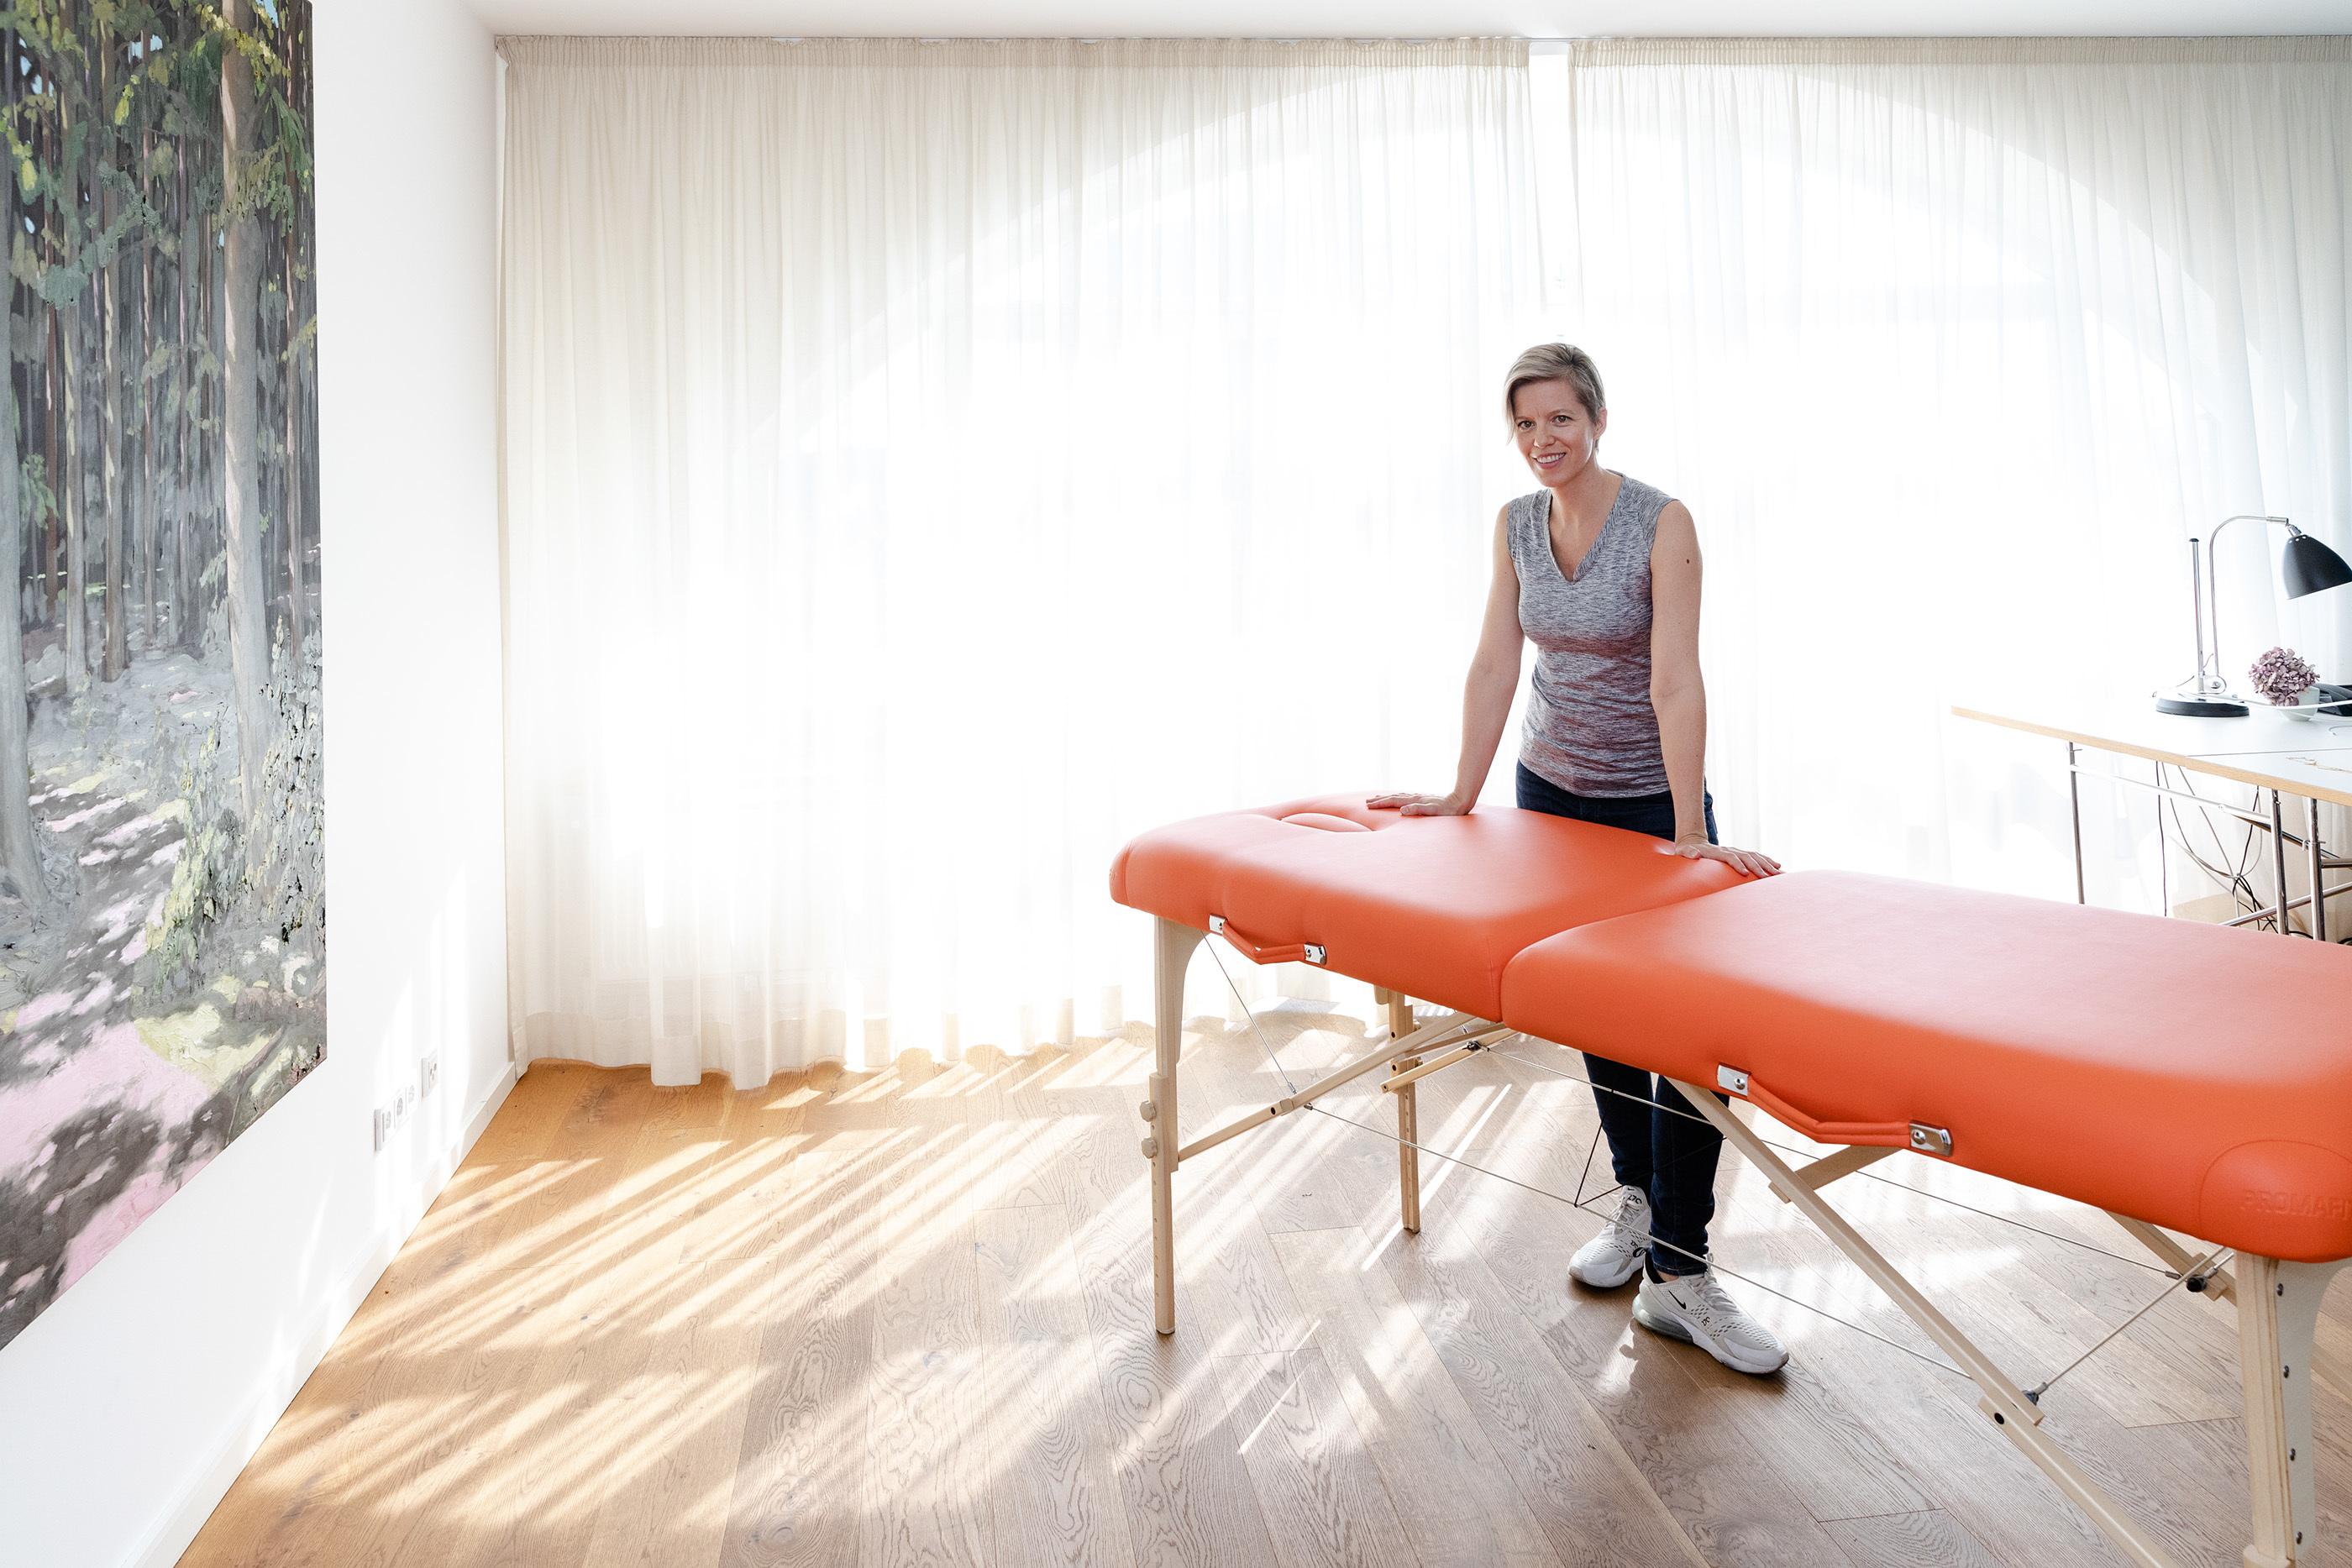 Prozessorientierte Körperarbeit Berlin bei TEMEDOS Hausarzt Berlin